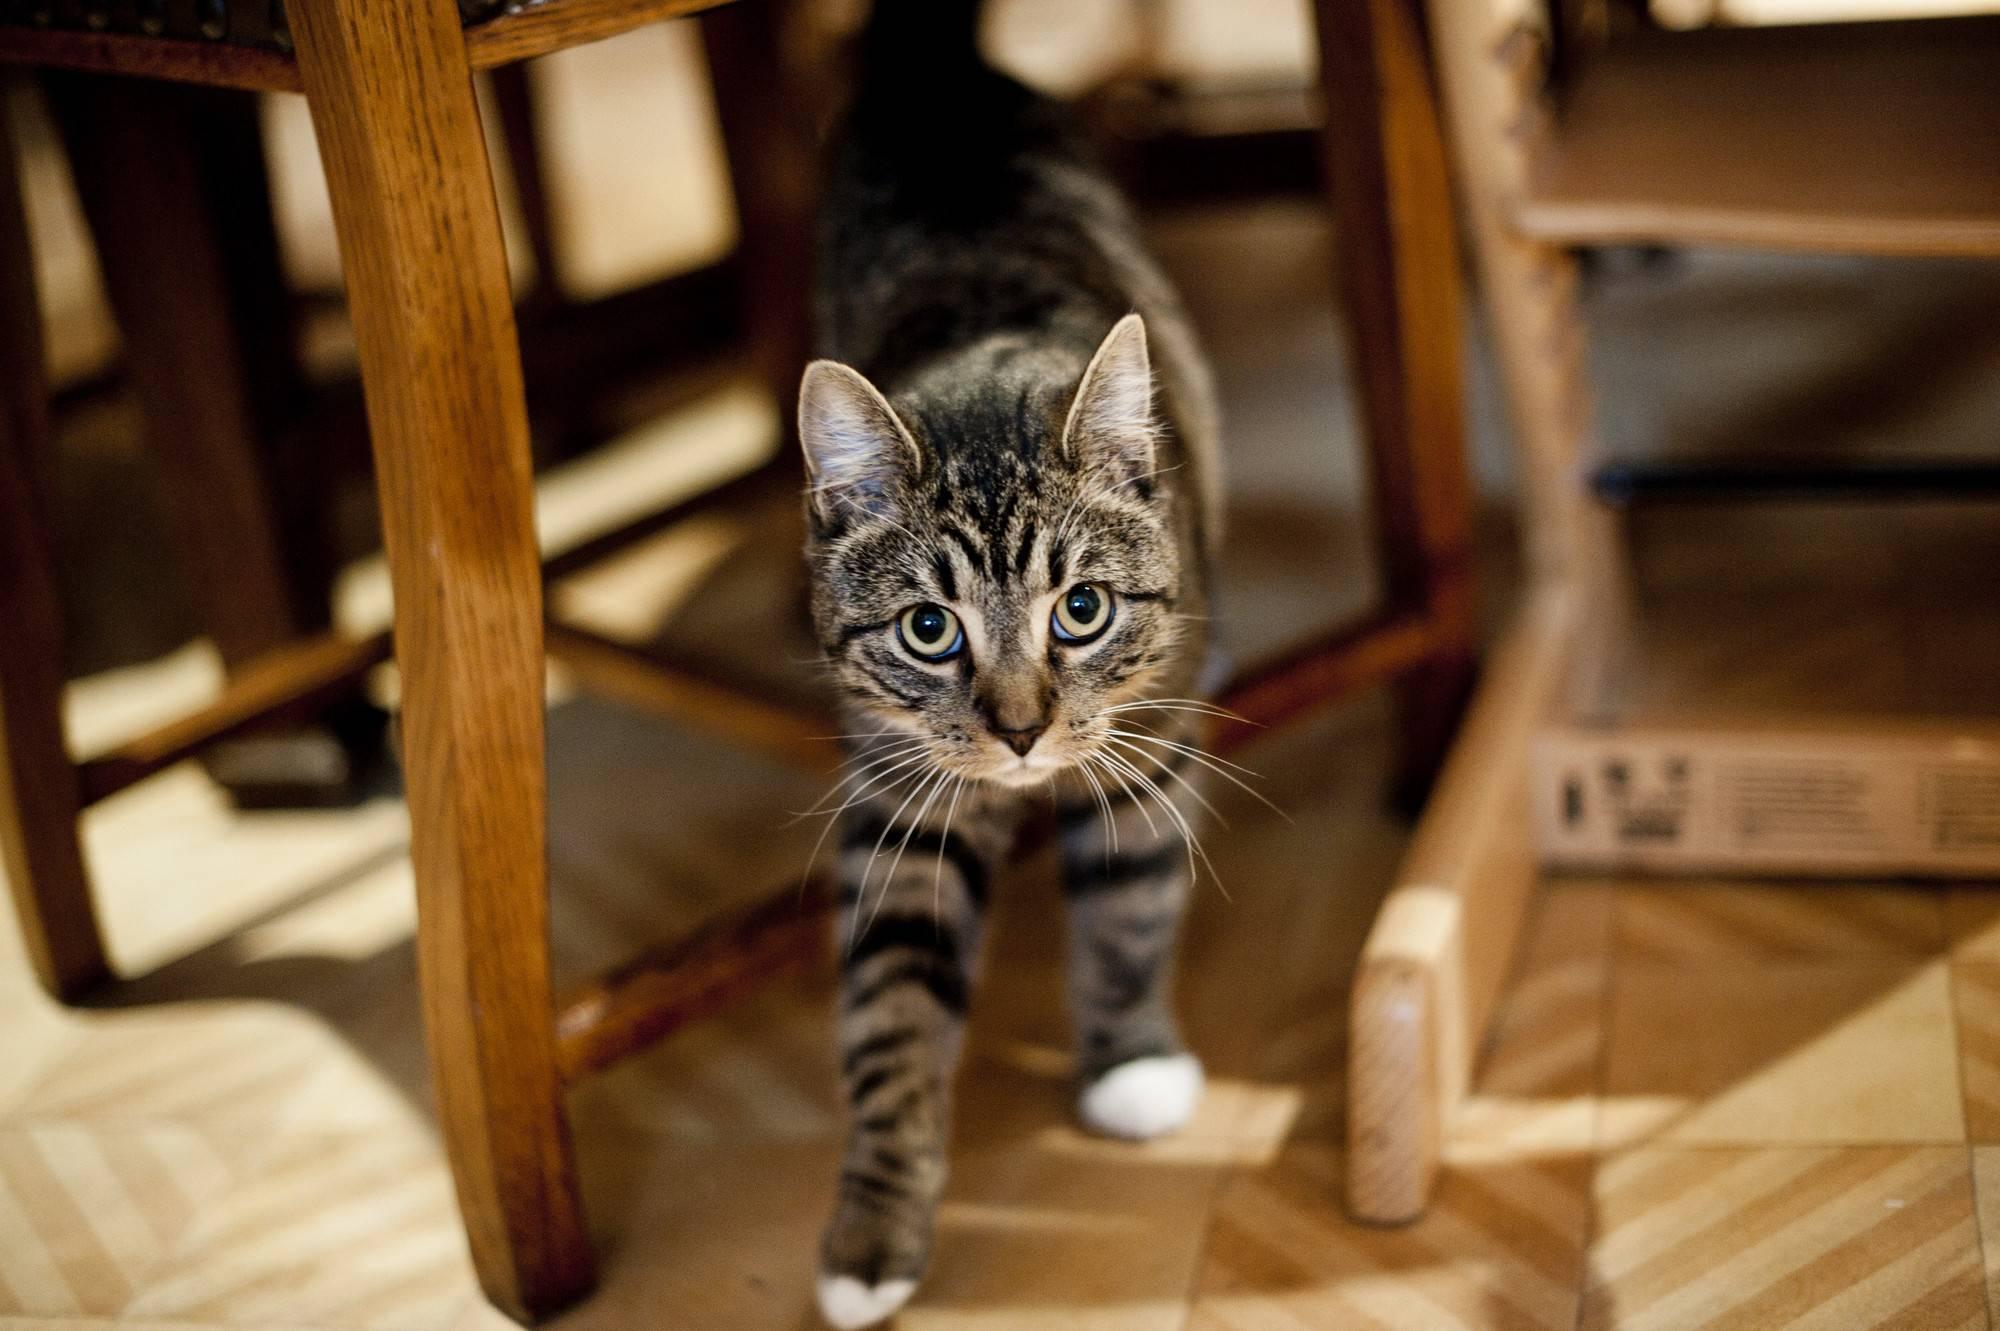 Что сделать, чтобы коты не метили входную дверь? чем ее обработать, чтобы отпугнуть своих и соседских кошек?